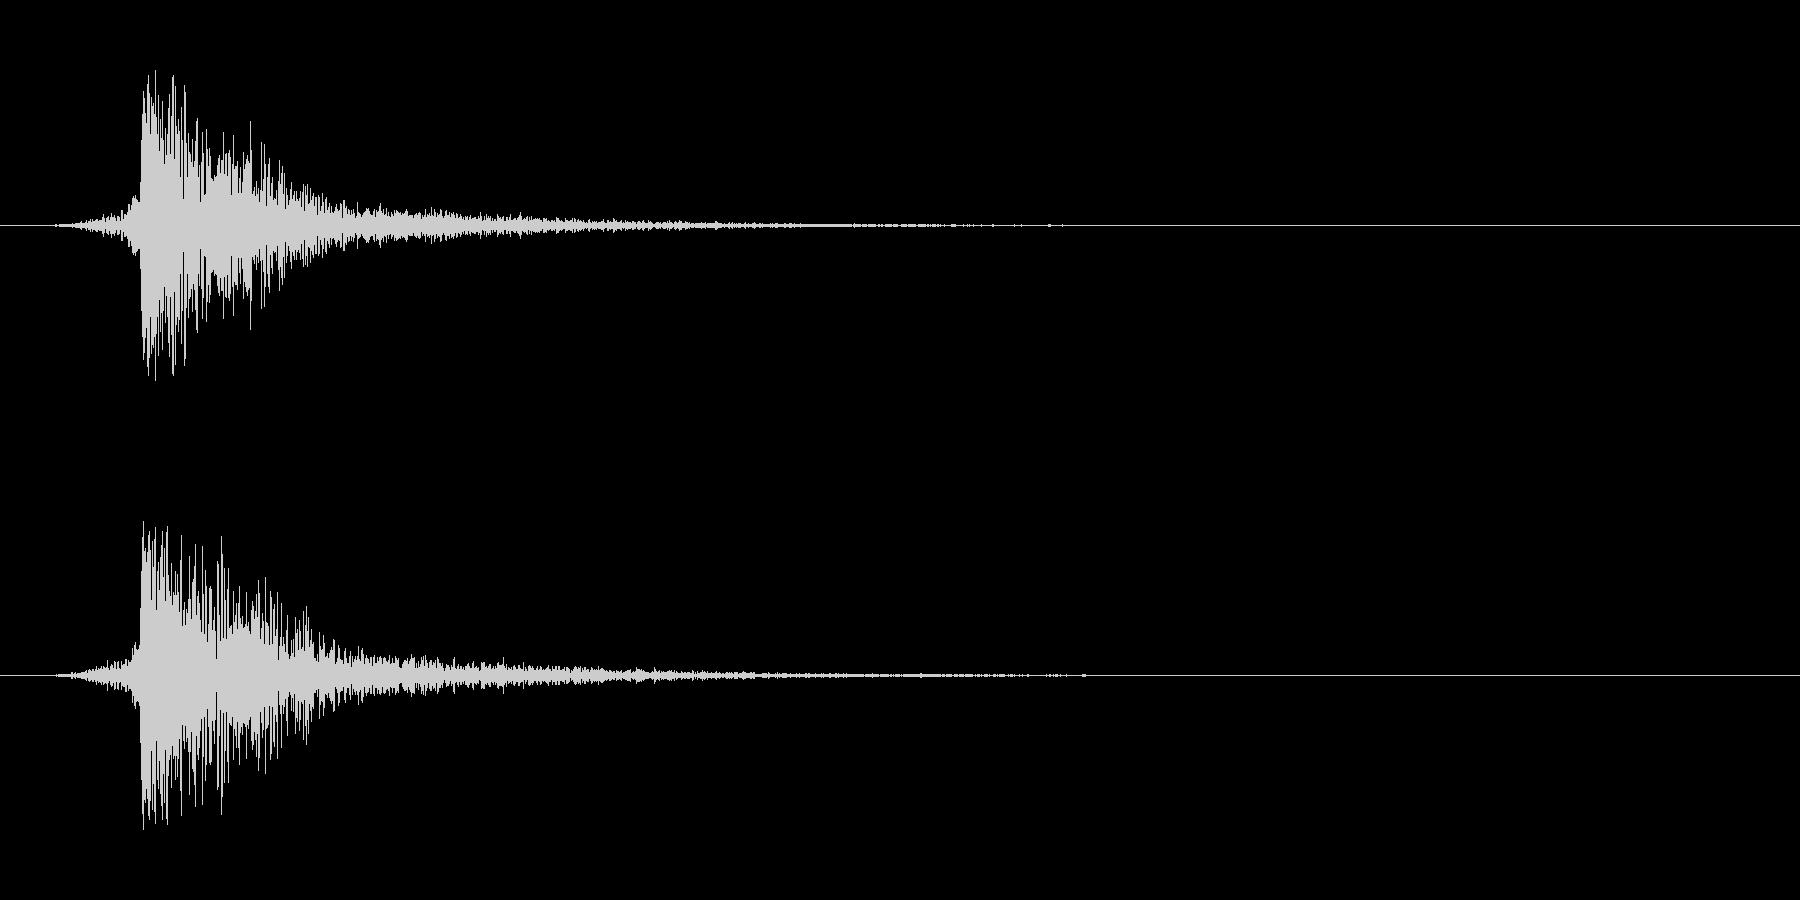 シュードーン-5(インパクト音)の未再生の波形